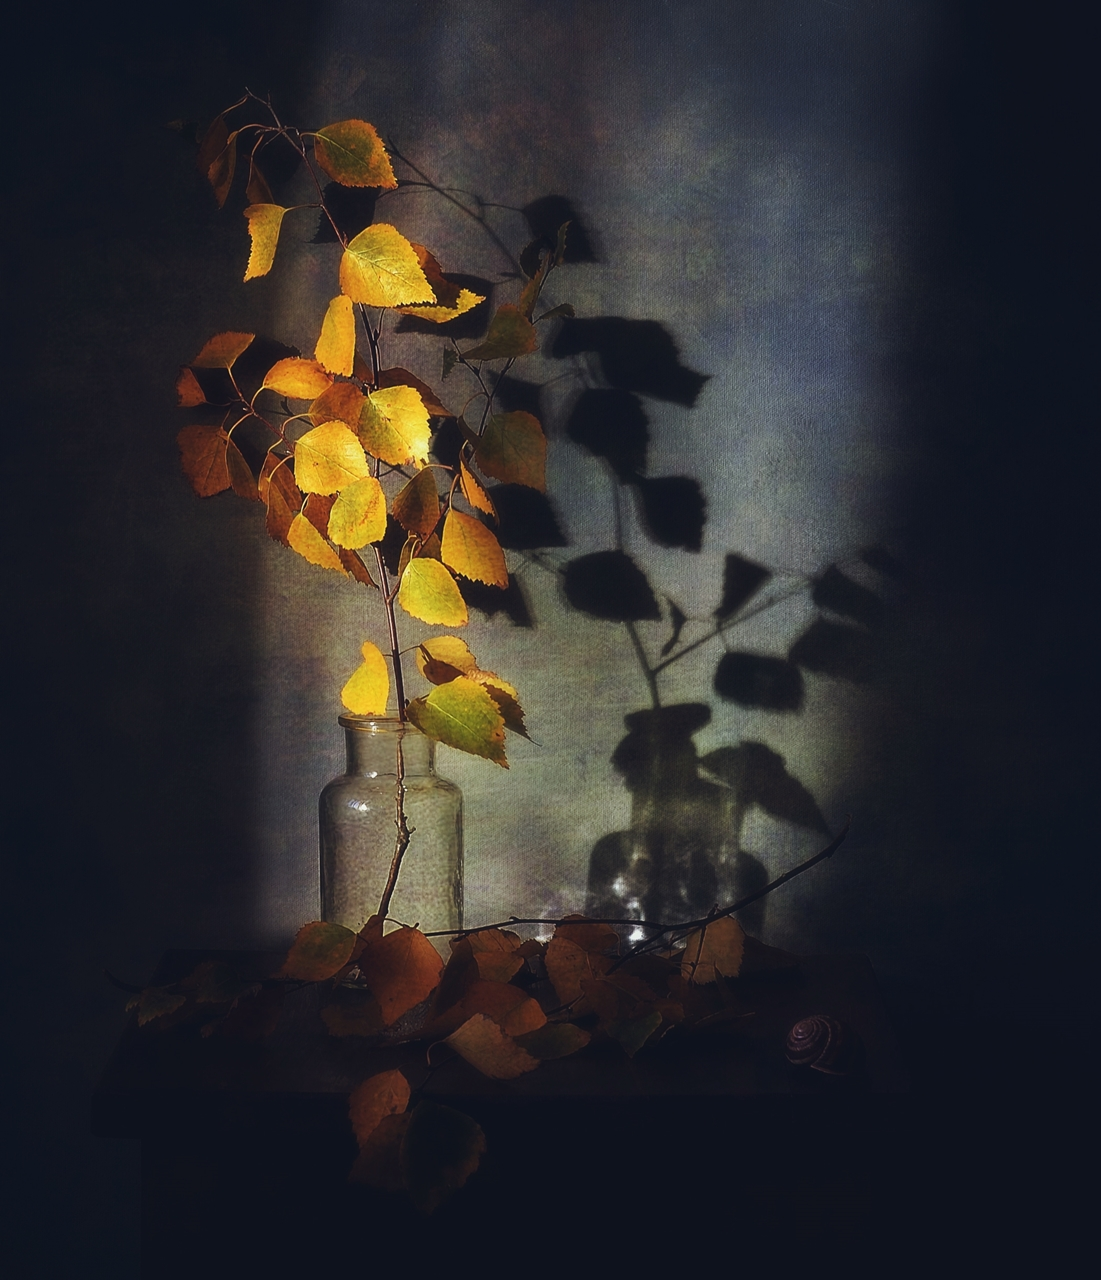 натюрморт,композиция,осень,тень,веточка, Наталия К